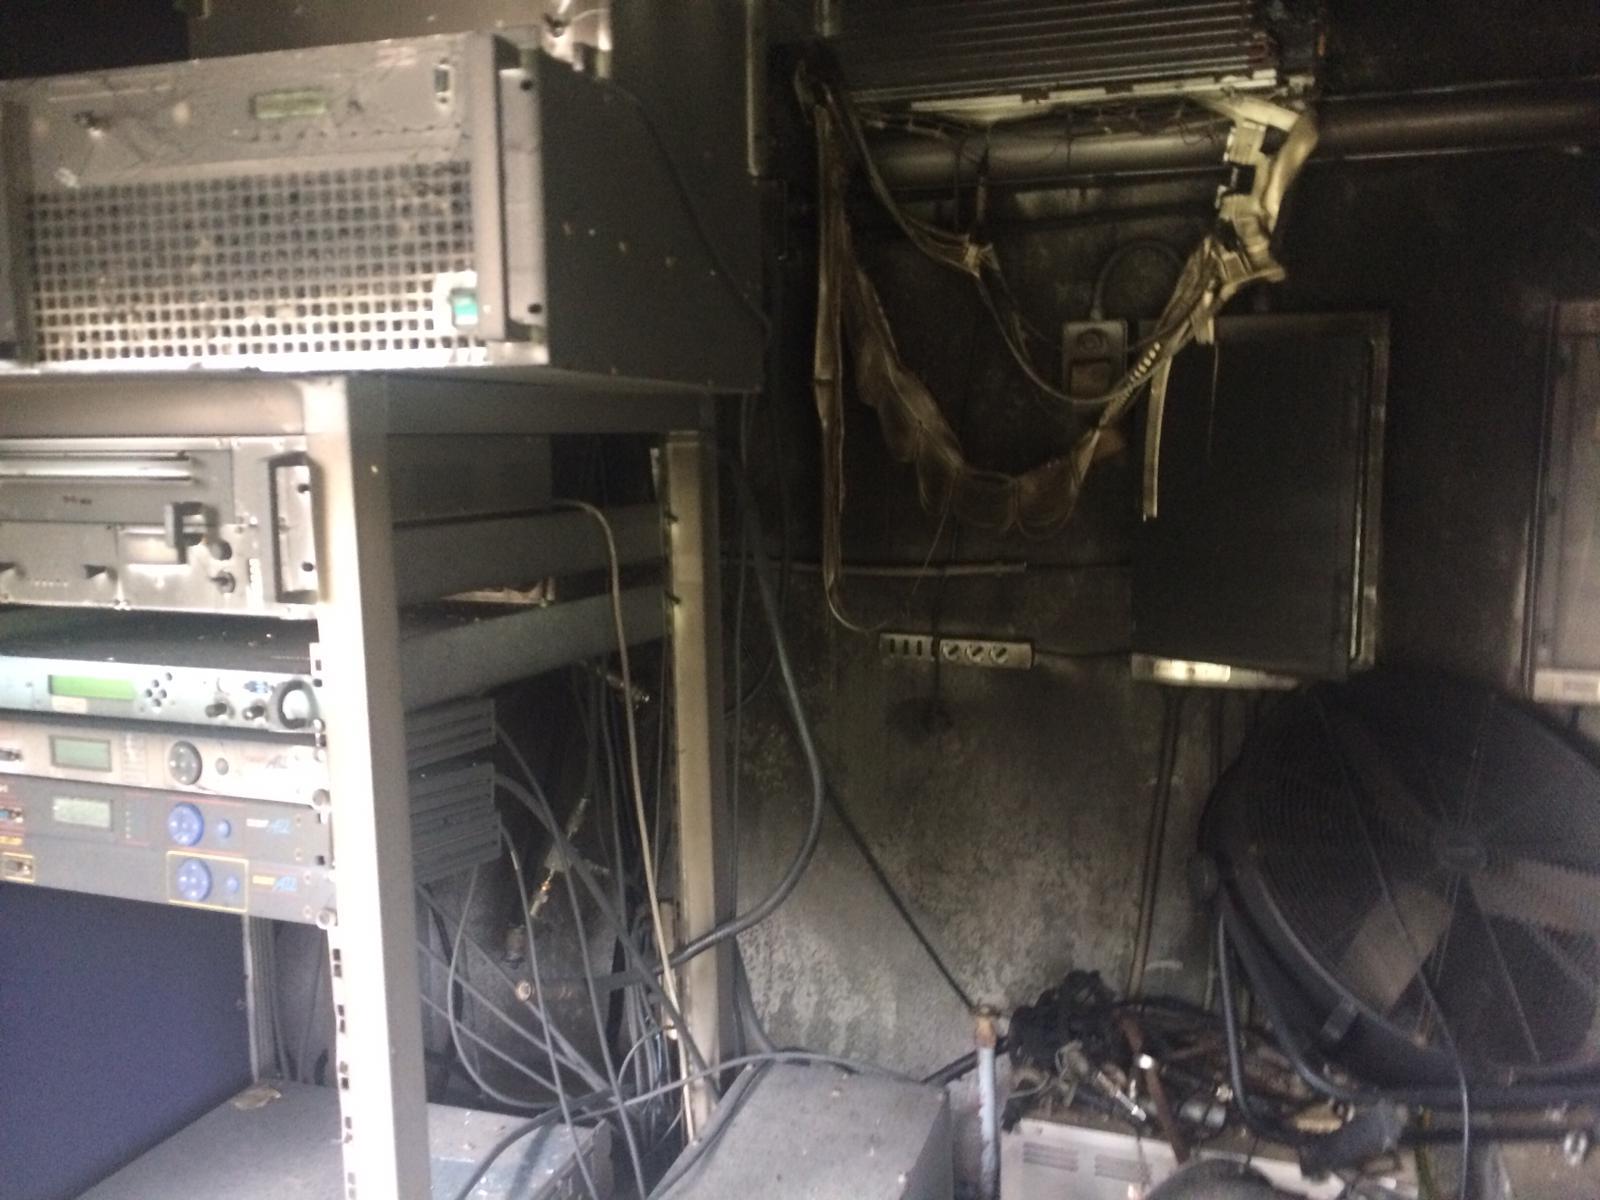 Carlentini, Casotto delle attrezzature informatiche che alimentano il traliccio di Antenna Uno  va a fuoco: un corto circuito la probabile causa. Danni per oltre trentamila euro.